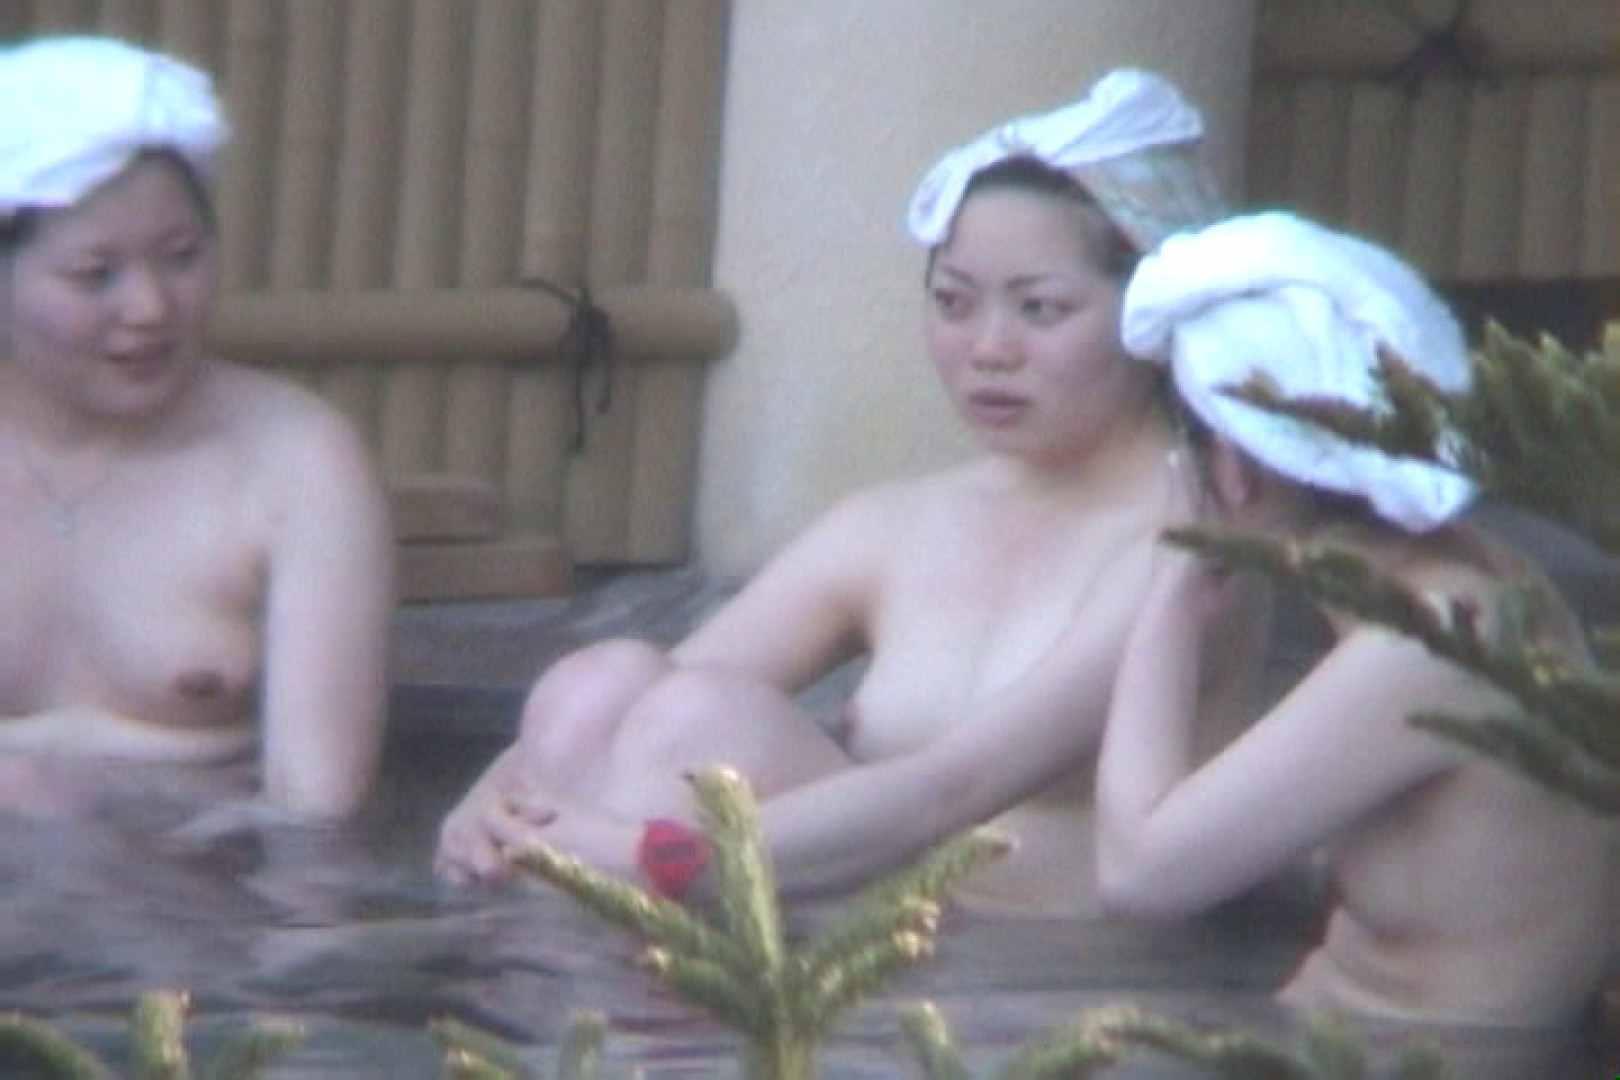 Aquaな露天風呂Vol.86【VIP限定】 露天風呂 | 盗撮  96連発 43